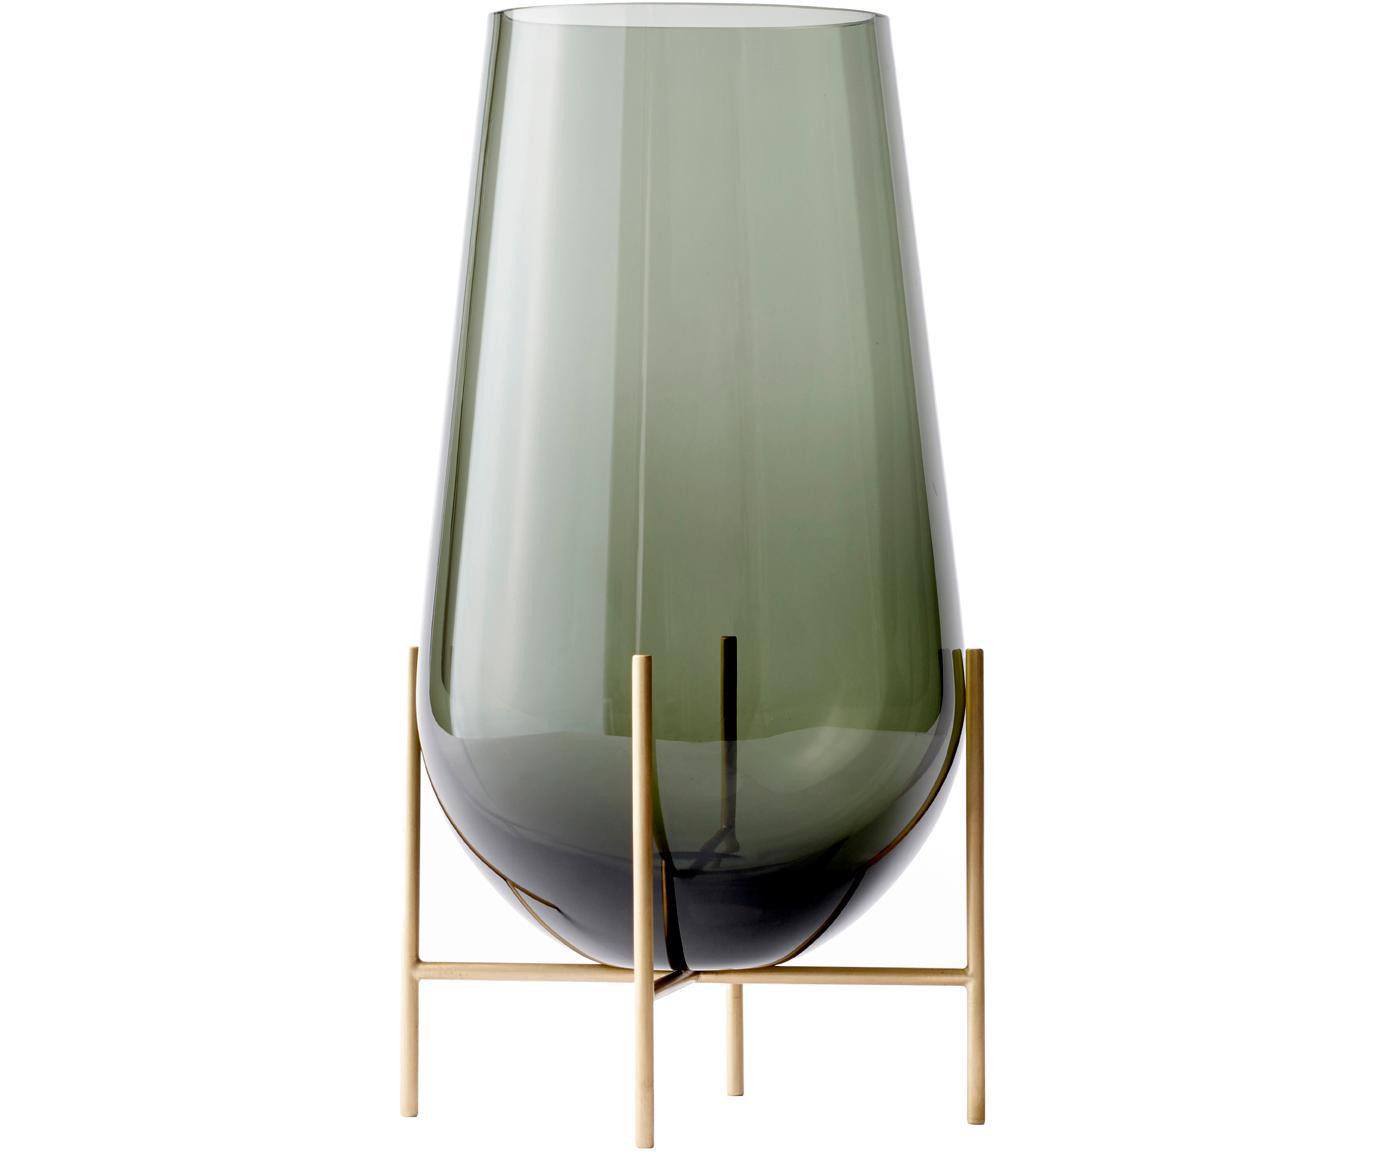 Duży wazon Échasse, Stelaż: mosiądz, Odcienie mosiądzu, Ø 15 x W 45 cm